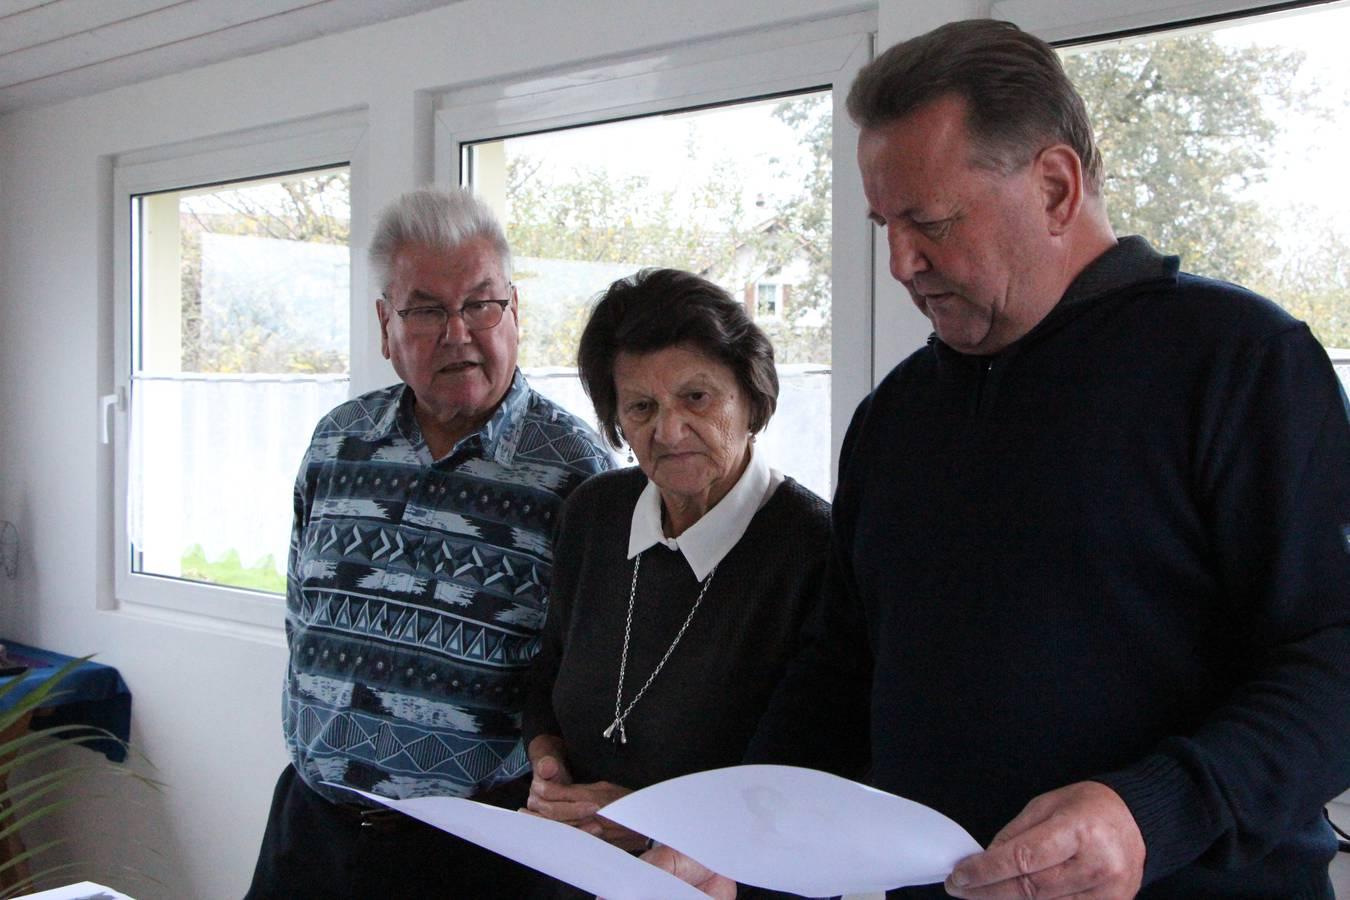 Gemeinsam mit ihrem Mann Hugo Loher-Lüchinger (links) und Patrics Götti Walter Lüchinger (rechts) begutachtet Gertrud die Kandidatinnen. (© Lara Abderhalden)